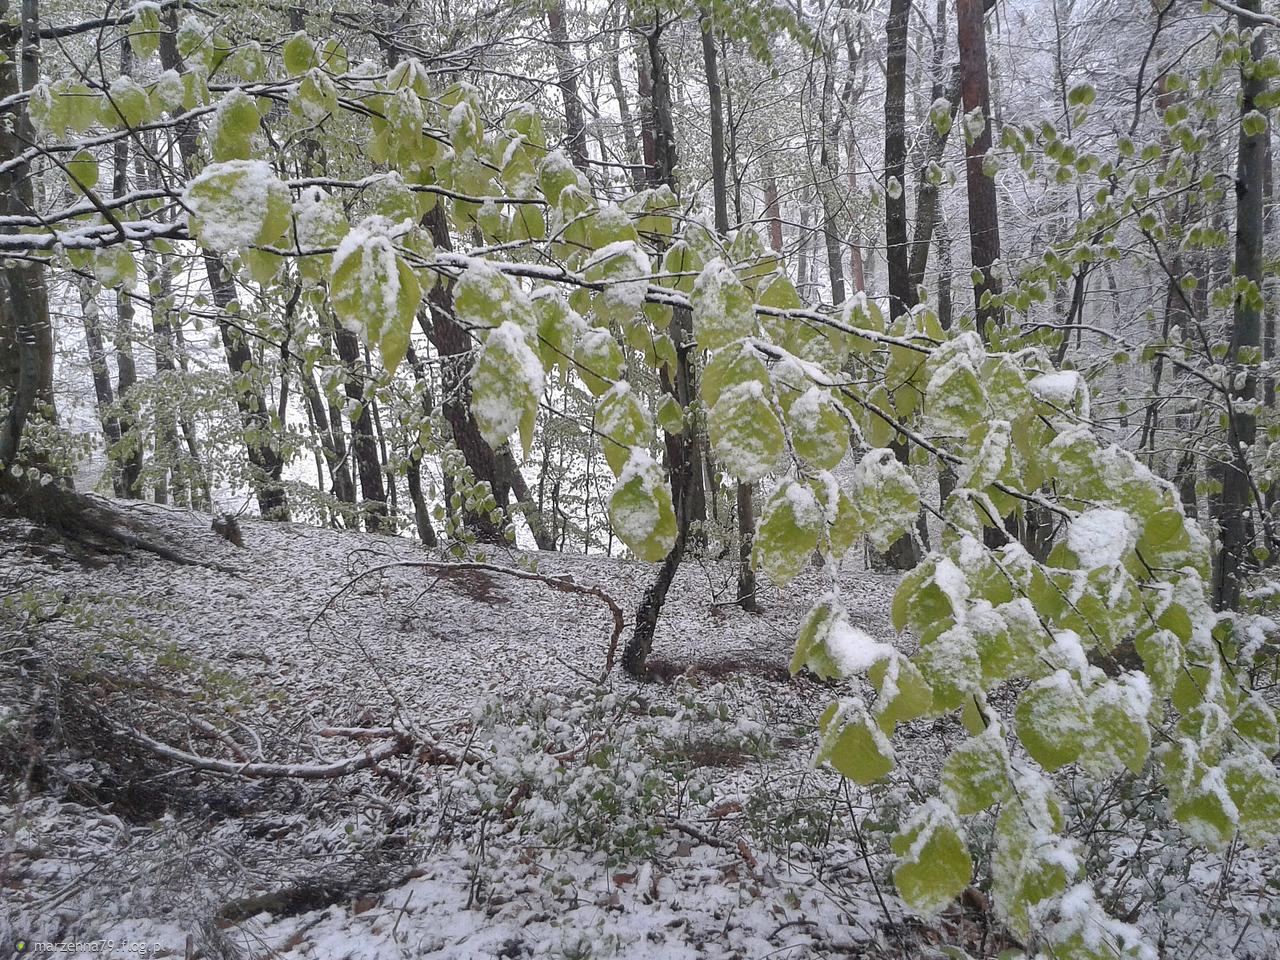 GDYNIA ✽ Majowy powrót zimy - dzisiejszy spacer w lesie ✽ - zdjęcia z telefonu